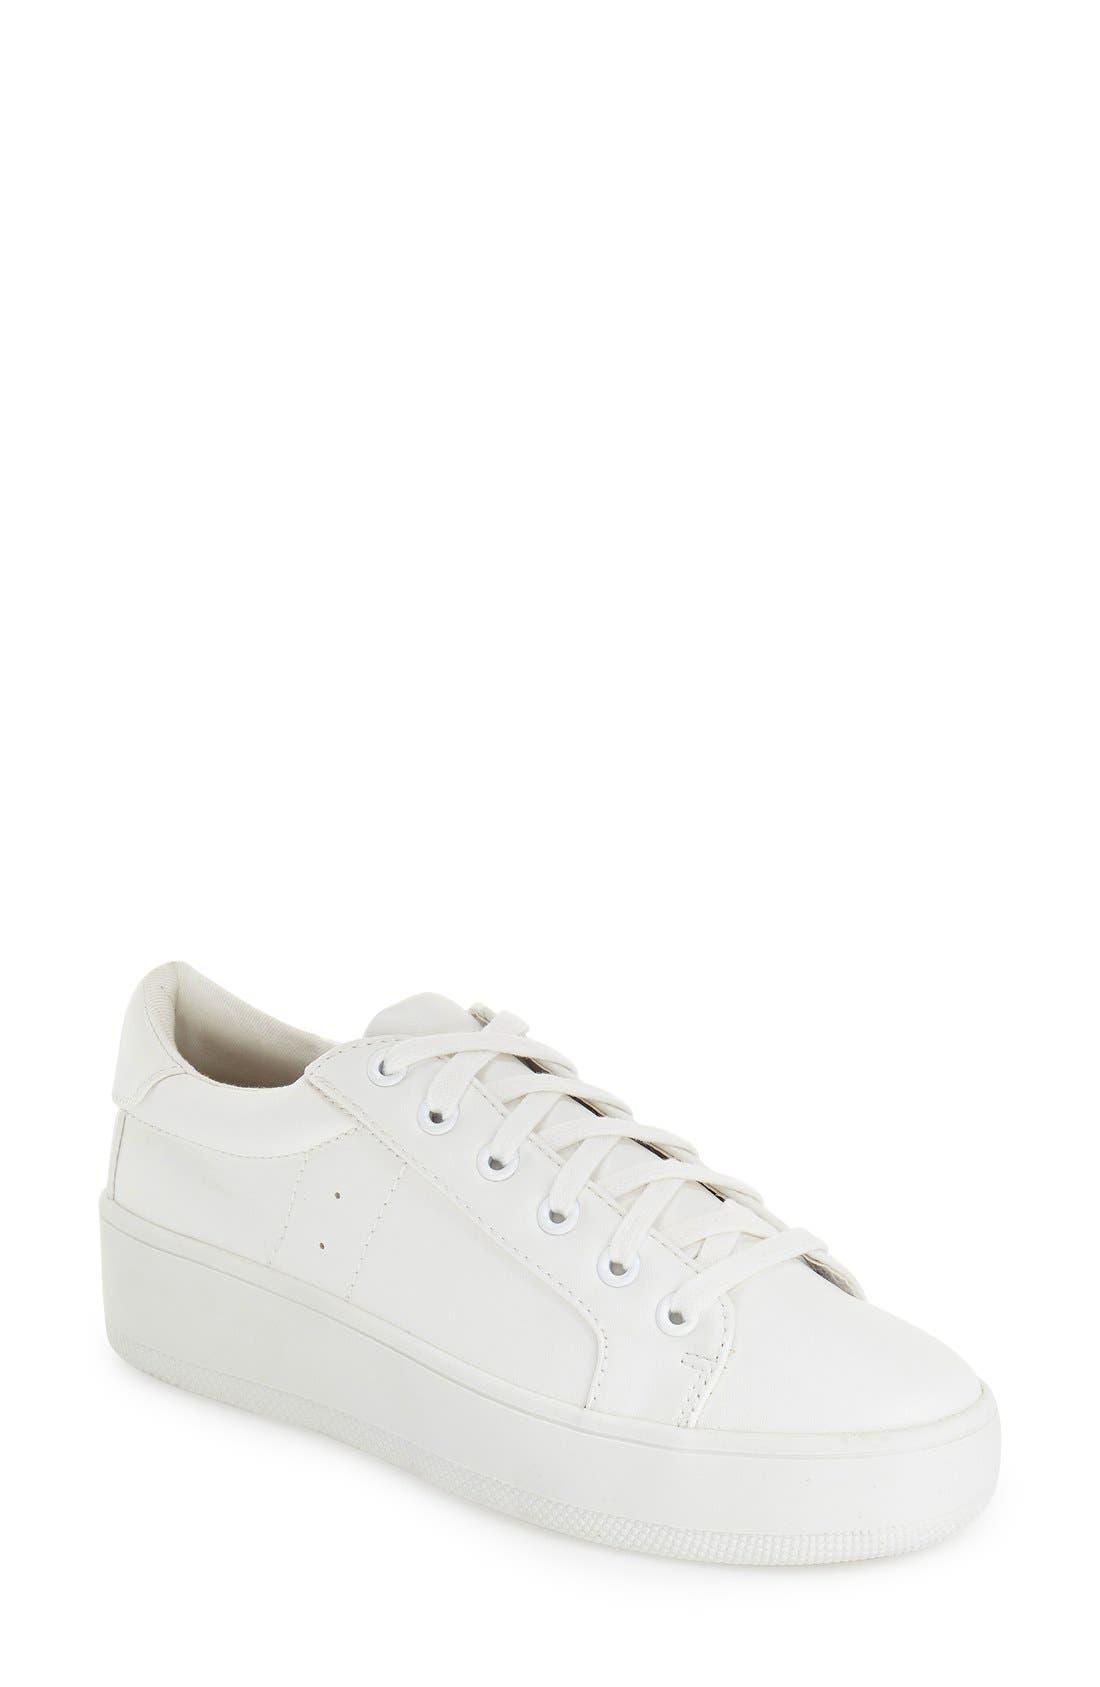 STEVE MADDEN 'Bertie' Lace-Up Sneaker